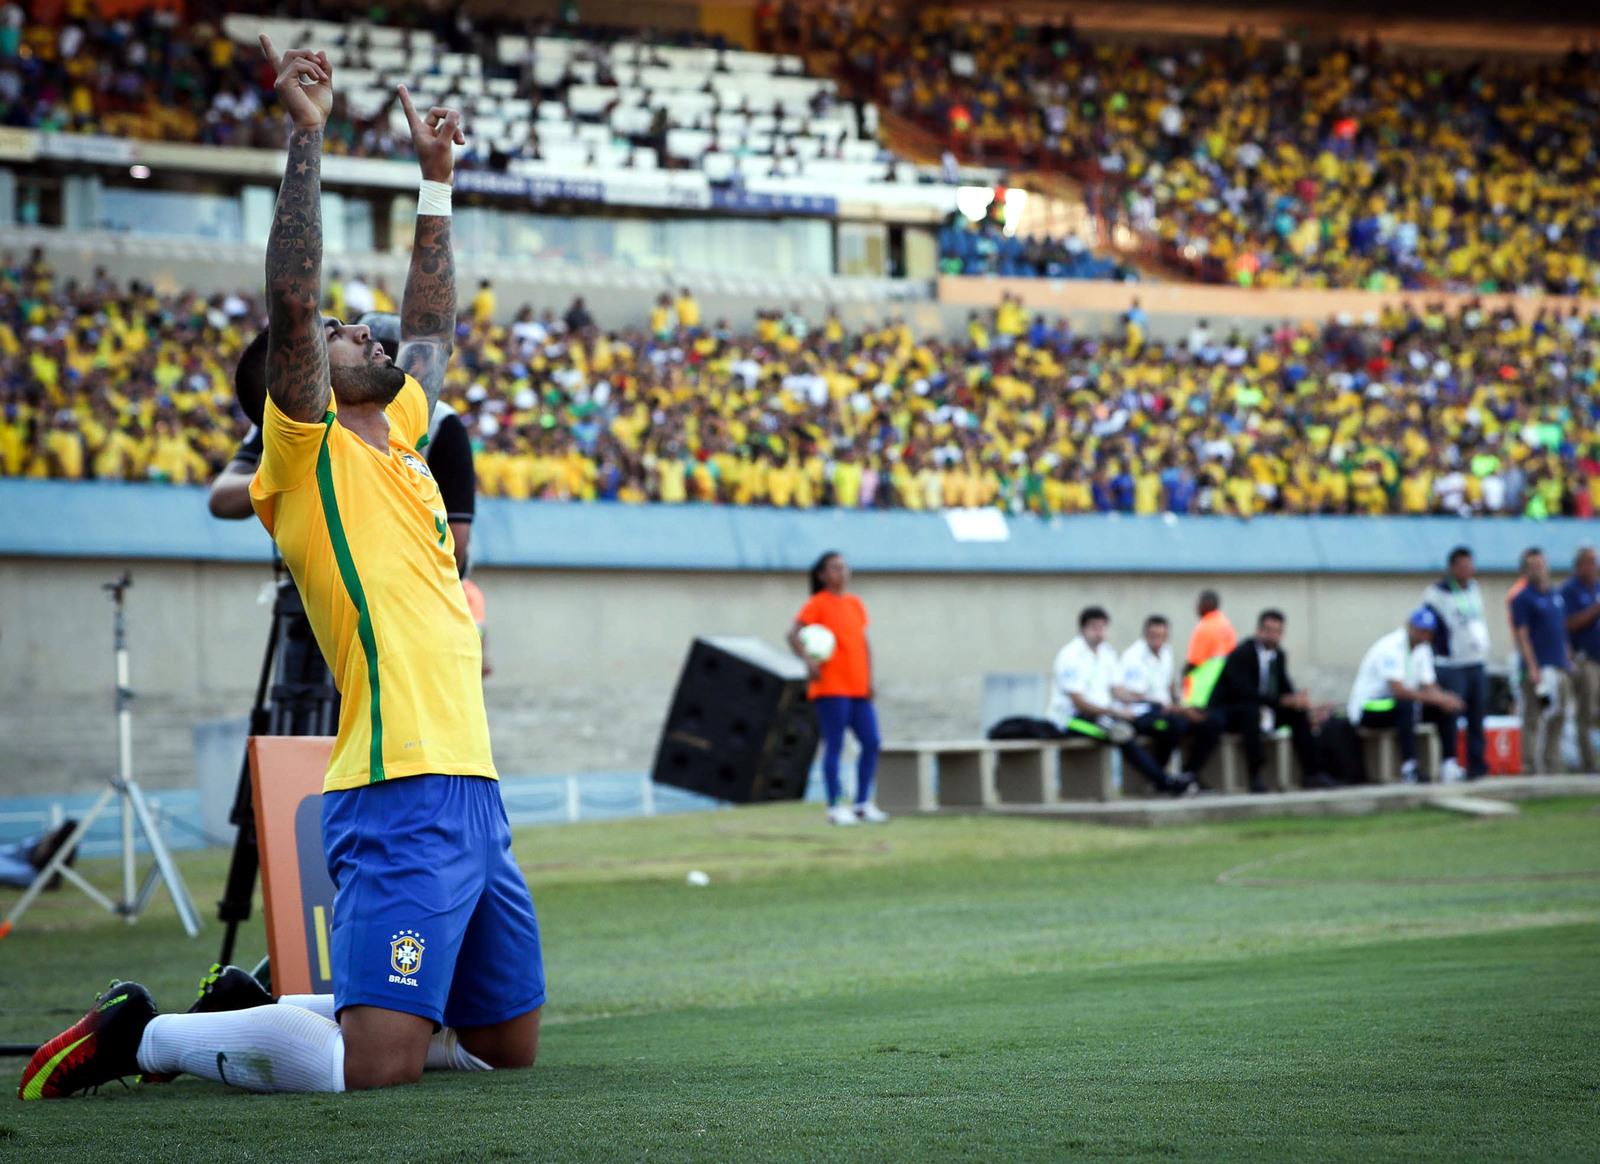 Бразильский футболист Габриэль забил гол в ворота Японии в товарищеском матче, проходившем в преддверии Олимпиады